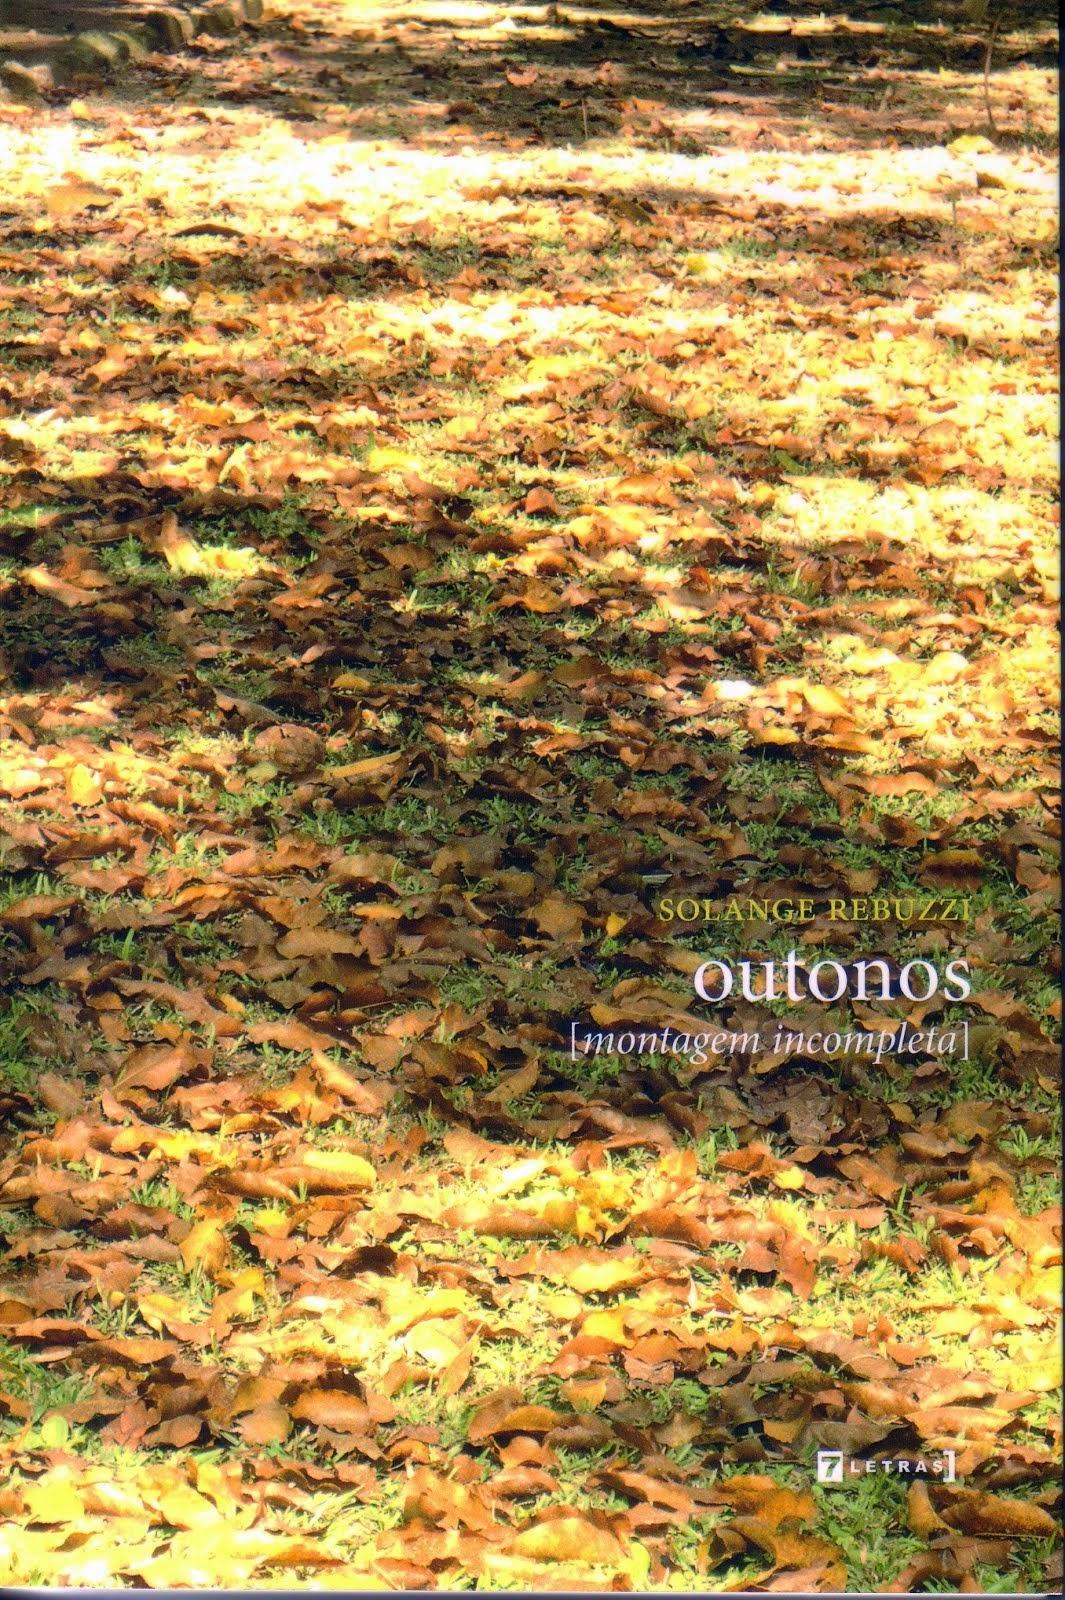 Outonos [montagem incompleta]